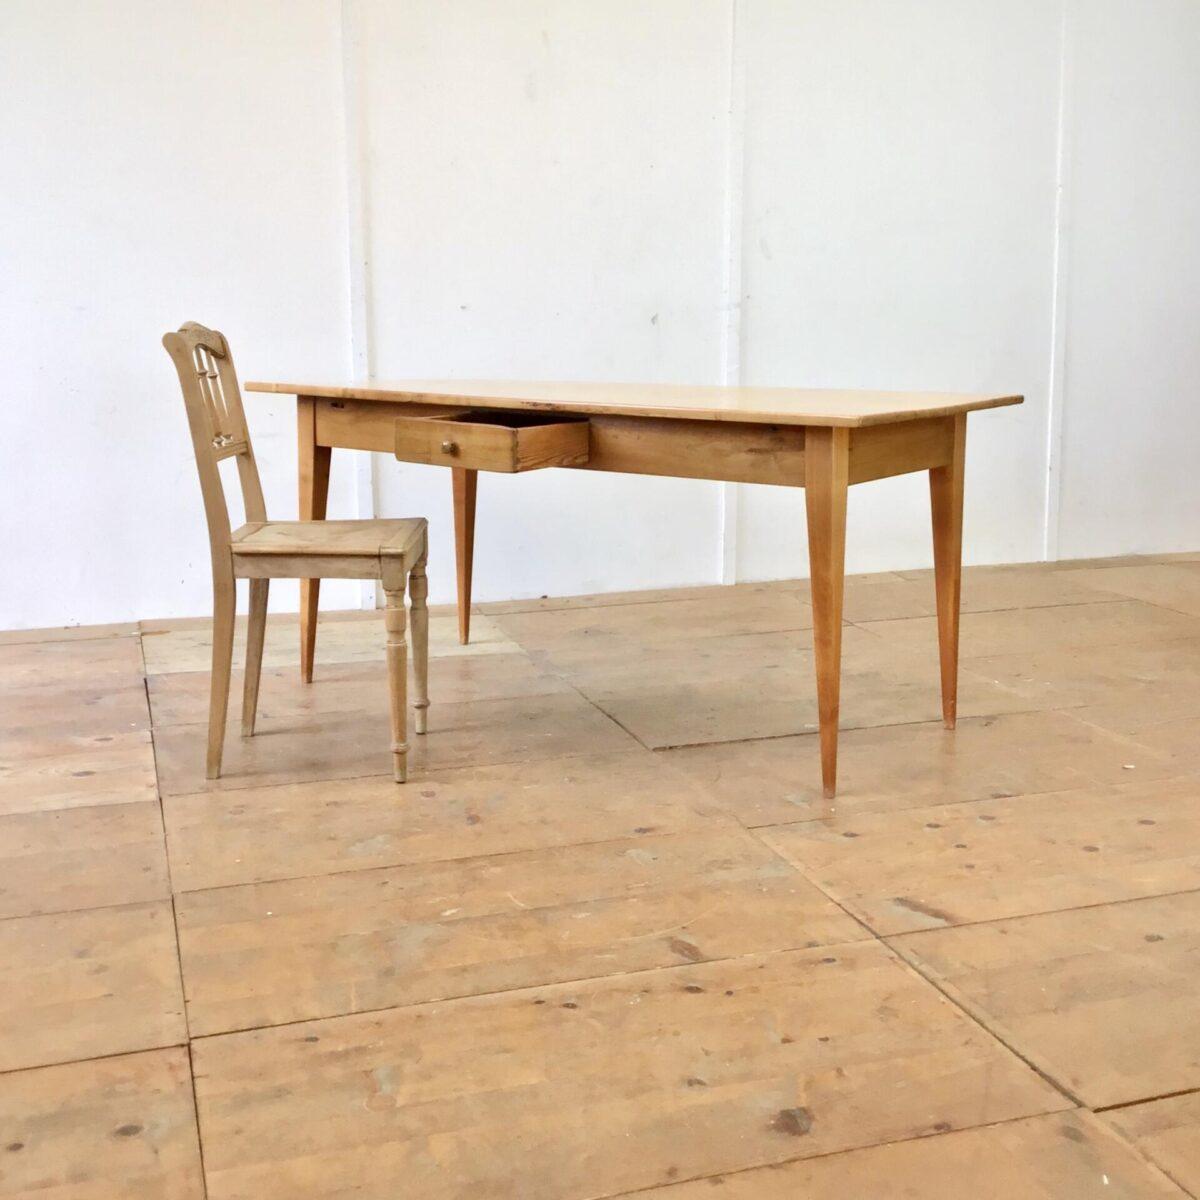 Deuxieme.shop Esstisch Holztisch Beizentisch Schreibtisch. Alter Kirschbaum Biedermeiertisch mit sehr feingliedrigen Beinen. 166x77.5cm Höhe 75cm. An der einen Längsseite hat es eine Besteckschublade. Die Holzoberflächen sind lackiert.